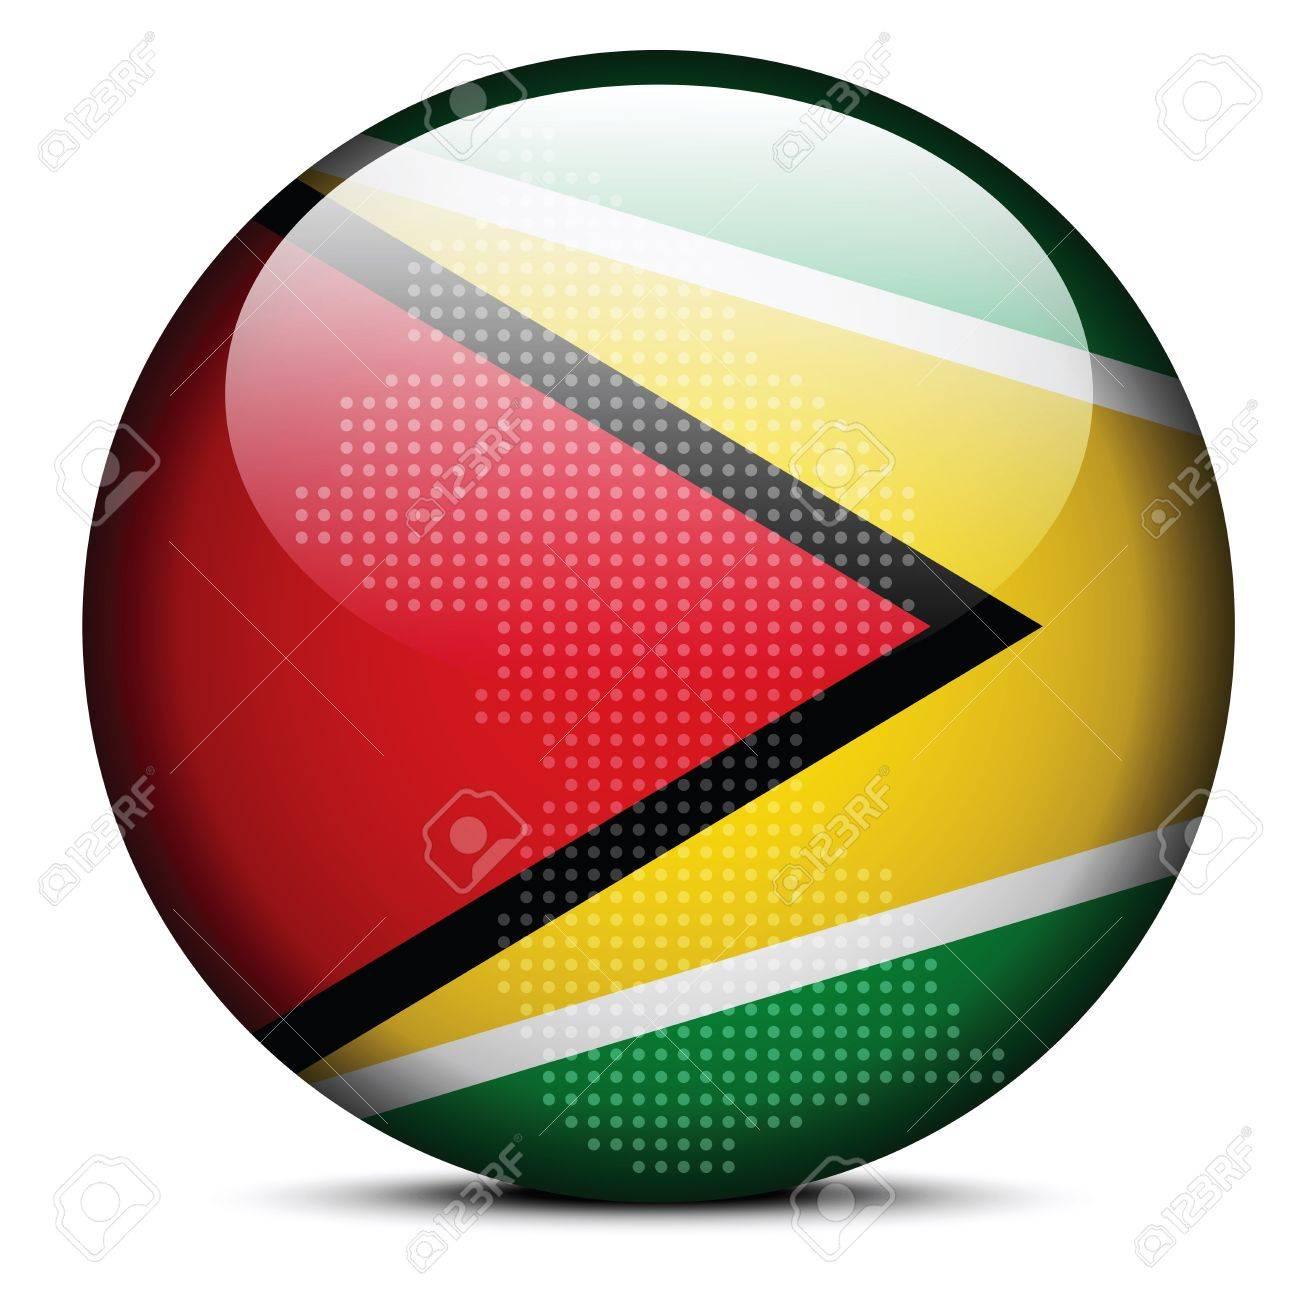 ベクトル画像 - ガイアナ協同共和国の旗ボタンをドット パターンで ...